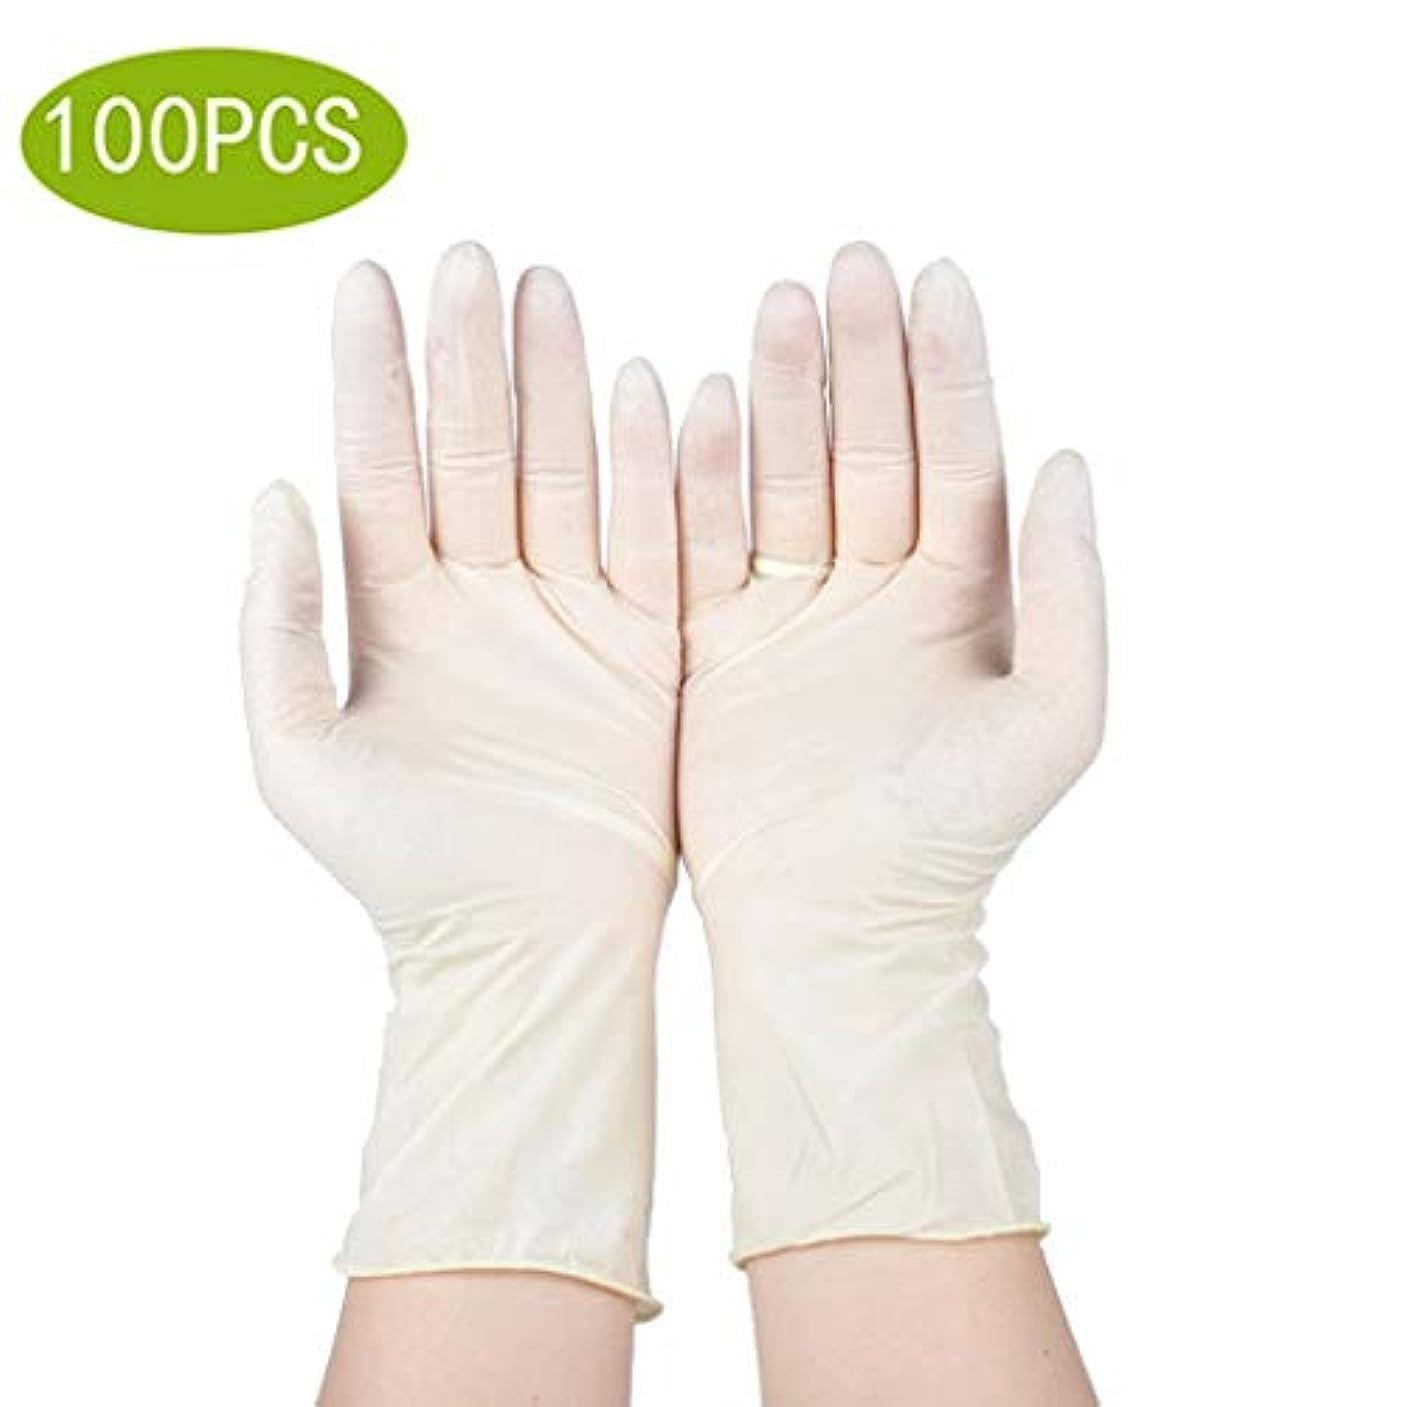 禁じるバスわずかなニトリル試験用手袋 - 医療用グレード、パウダーフリー、ラテックスラバーフリー、使い捨て、ラテックスグローブ食品安全ラテックスグローブ (Color : Latex Gloves, Size : L)